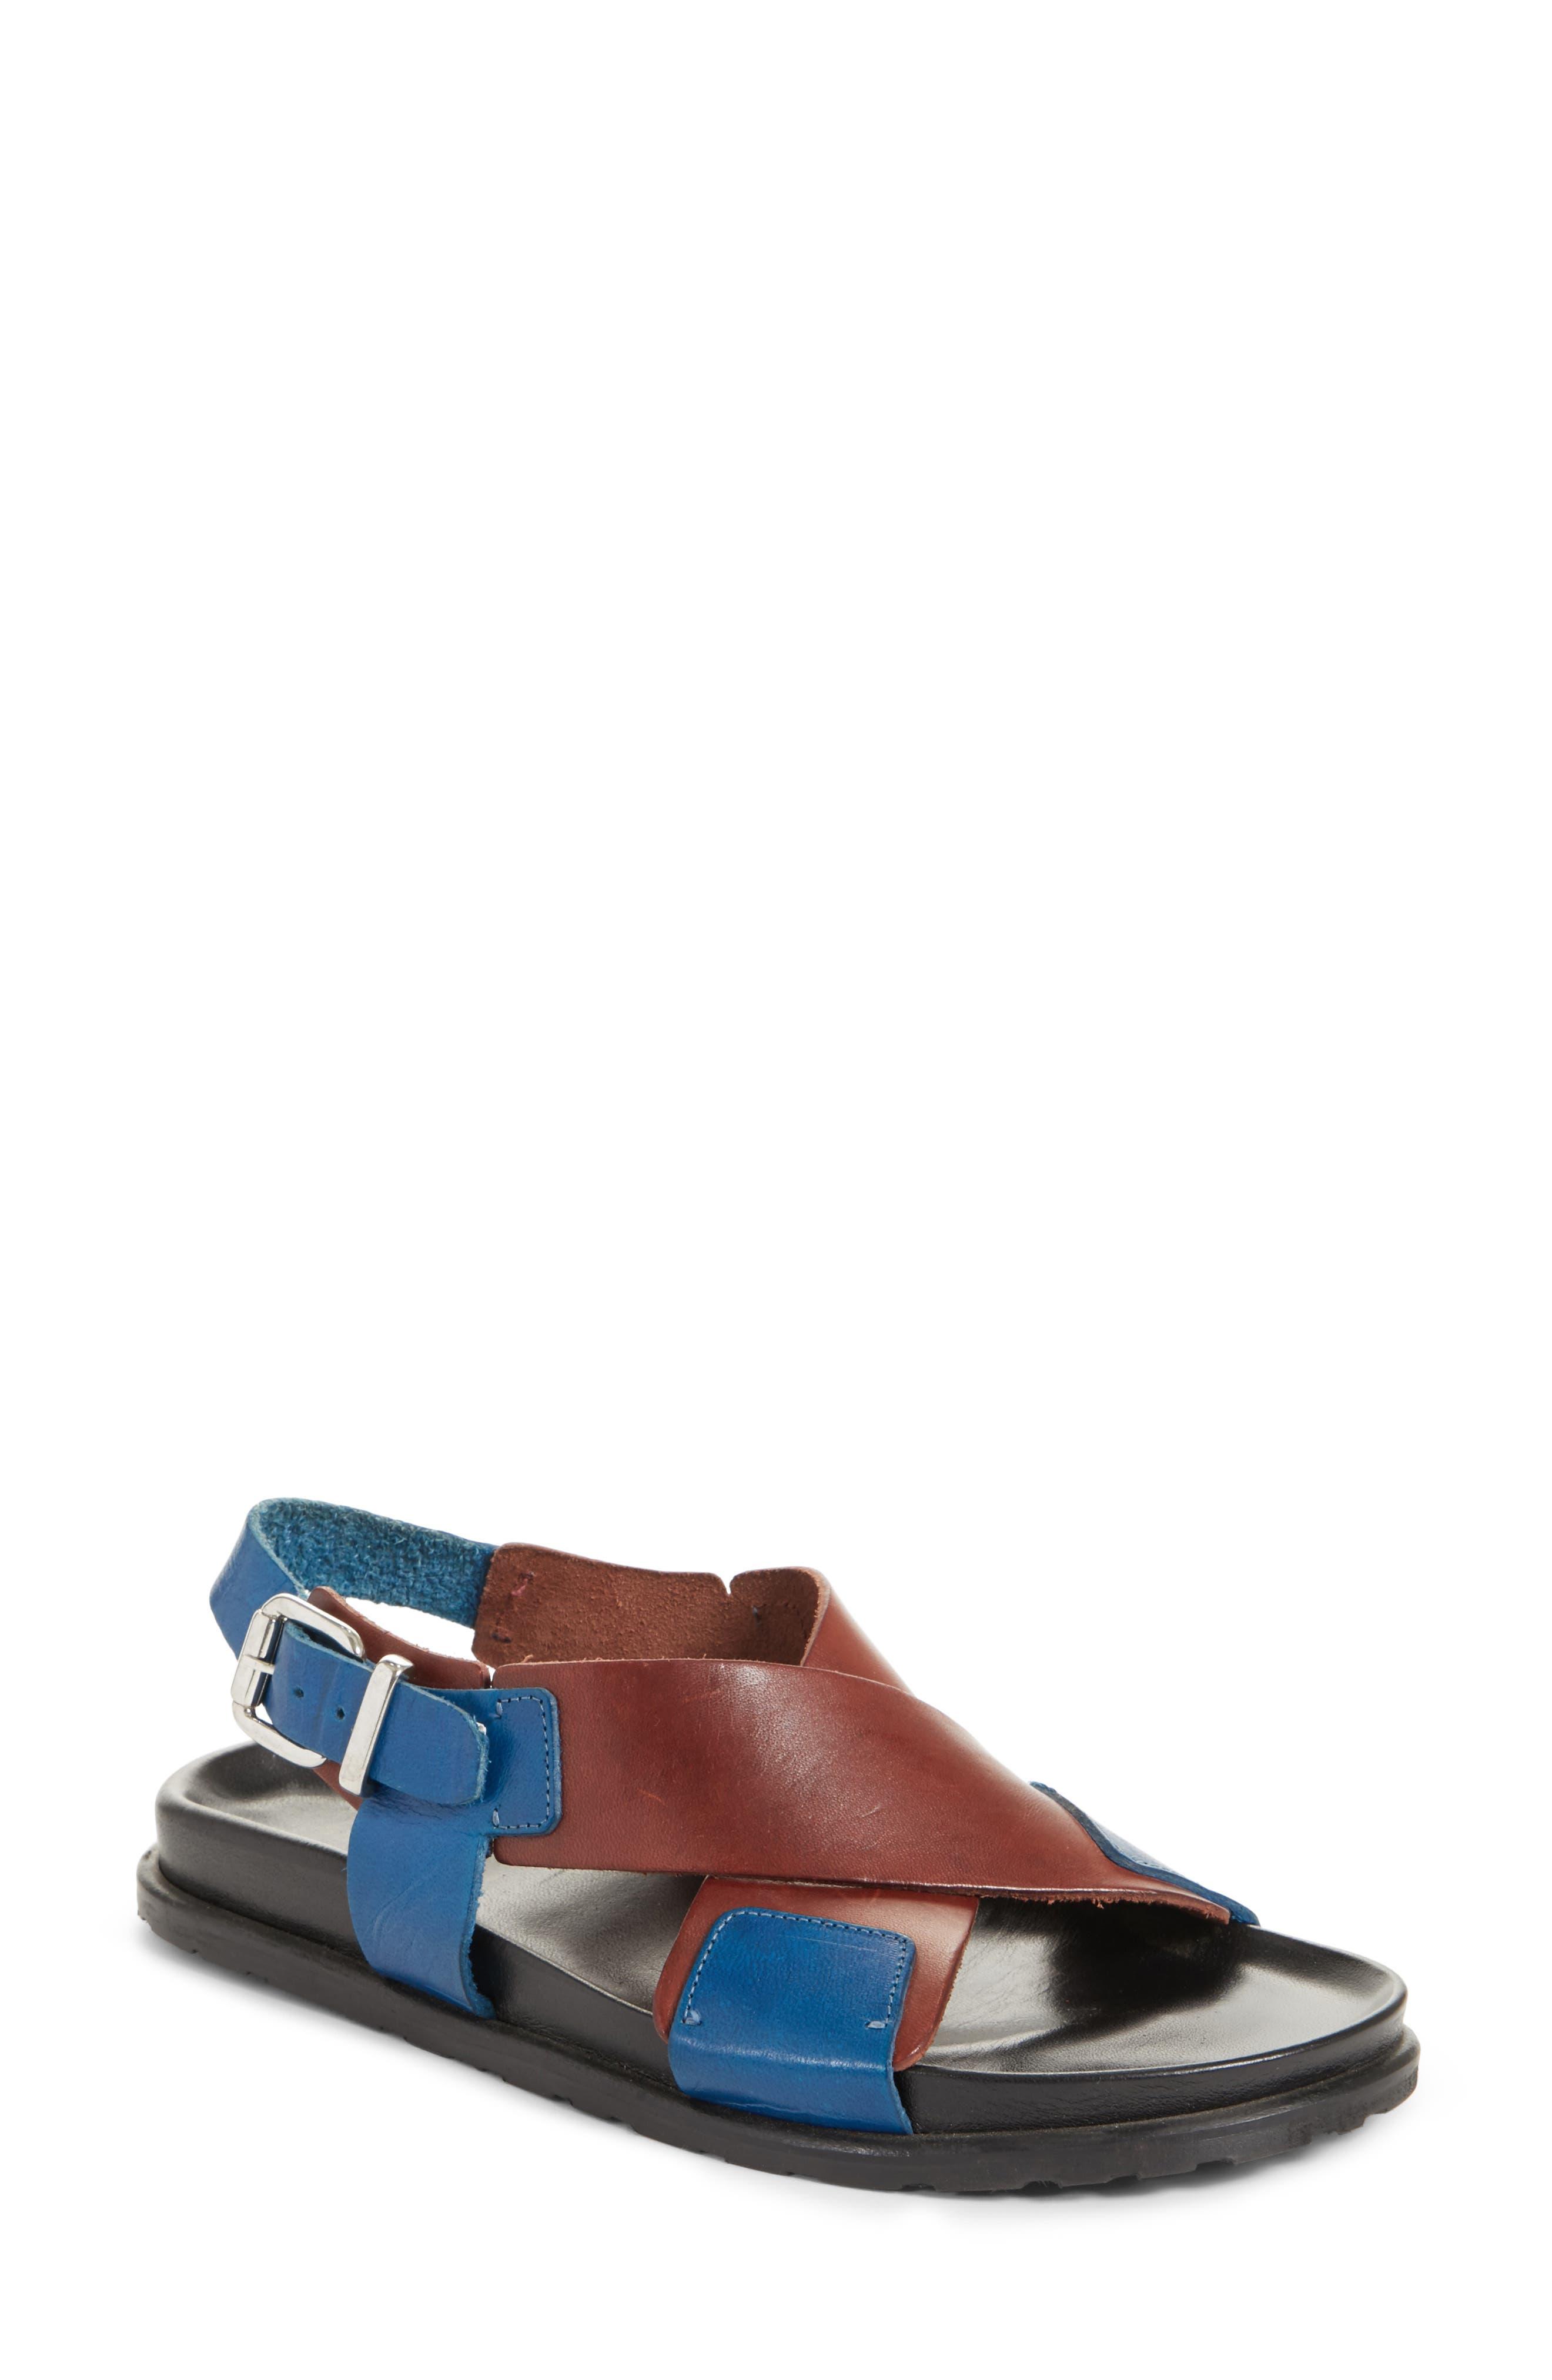 Bicolor Strappy Sandal,                         Main,                         color, 5Marsala/Denim